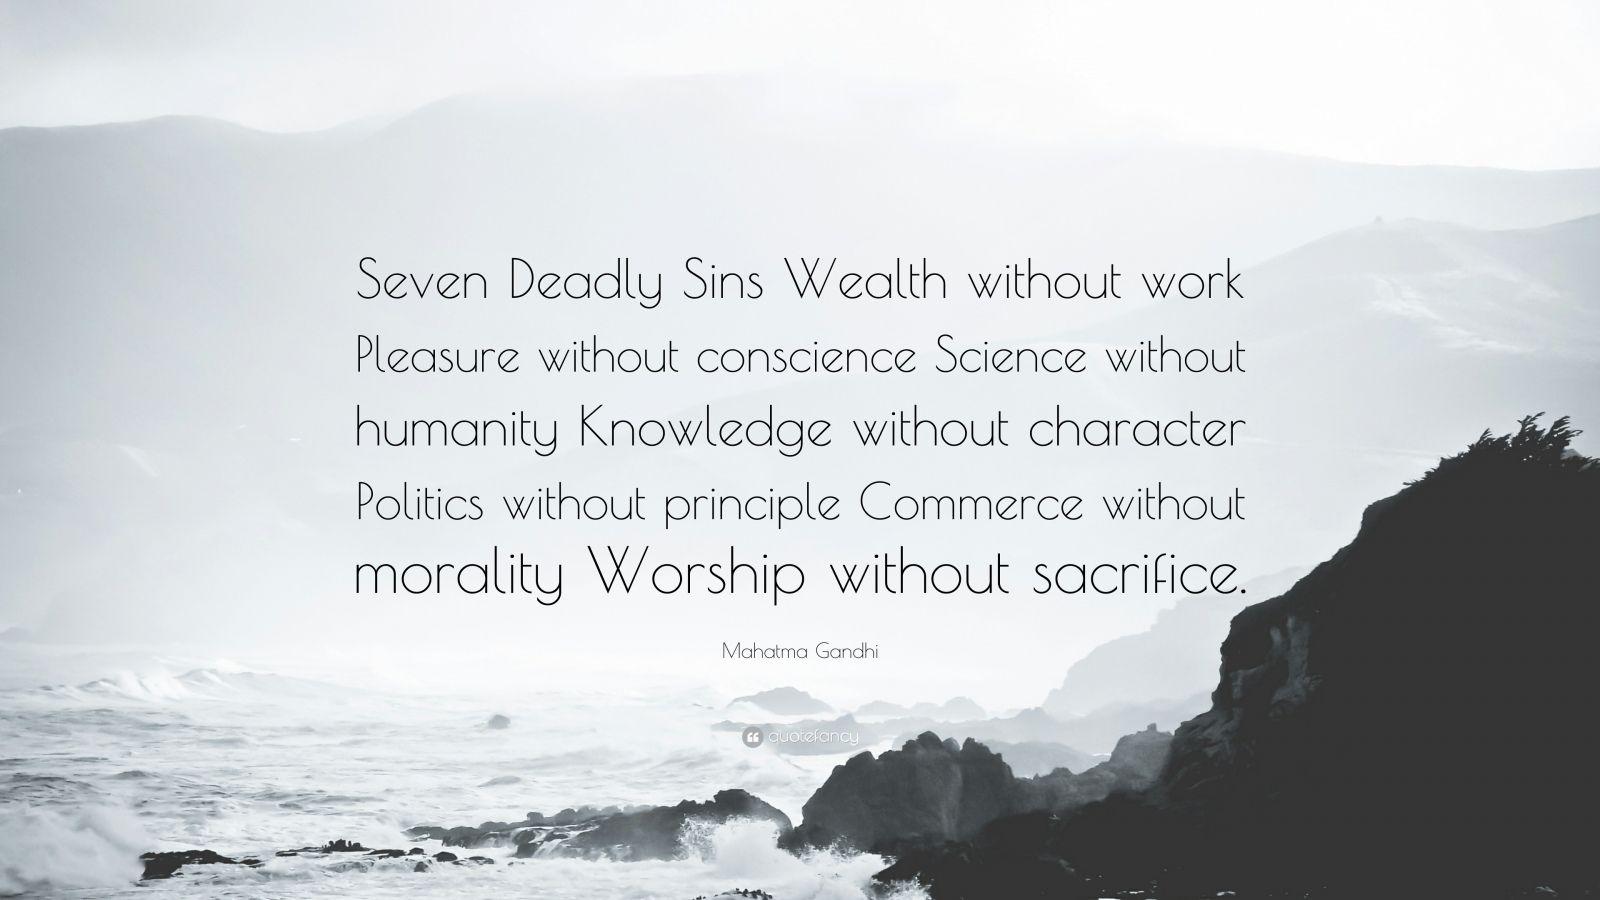 gandhi seven deadly sins essay